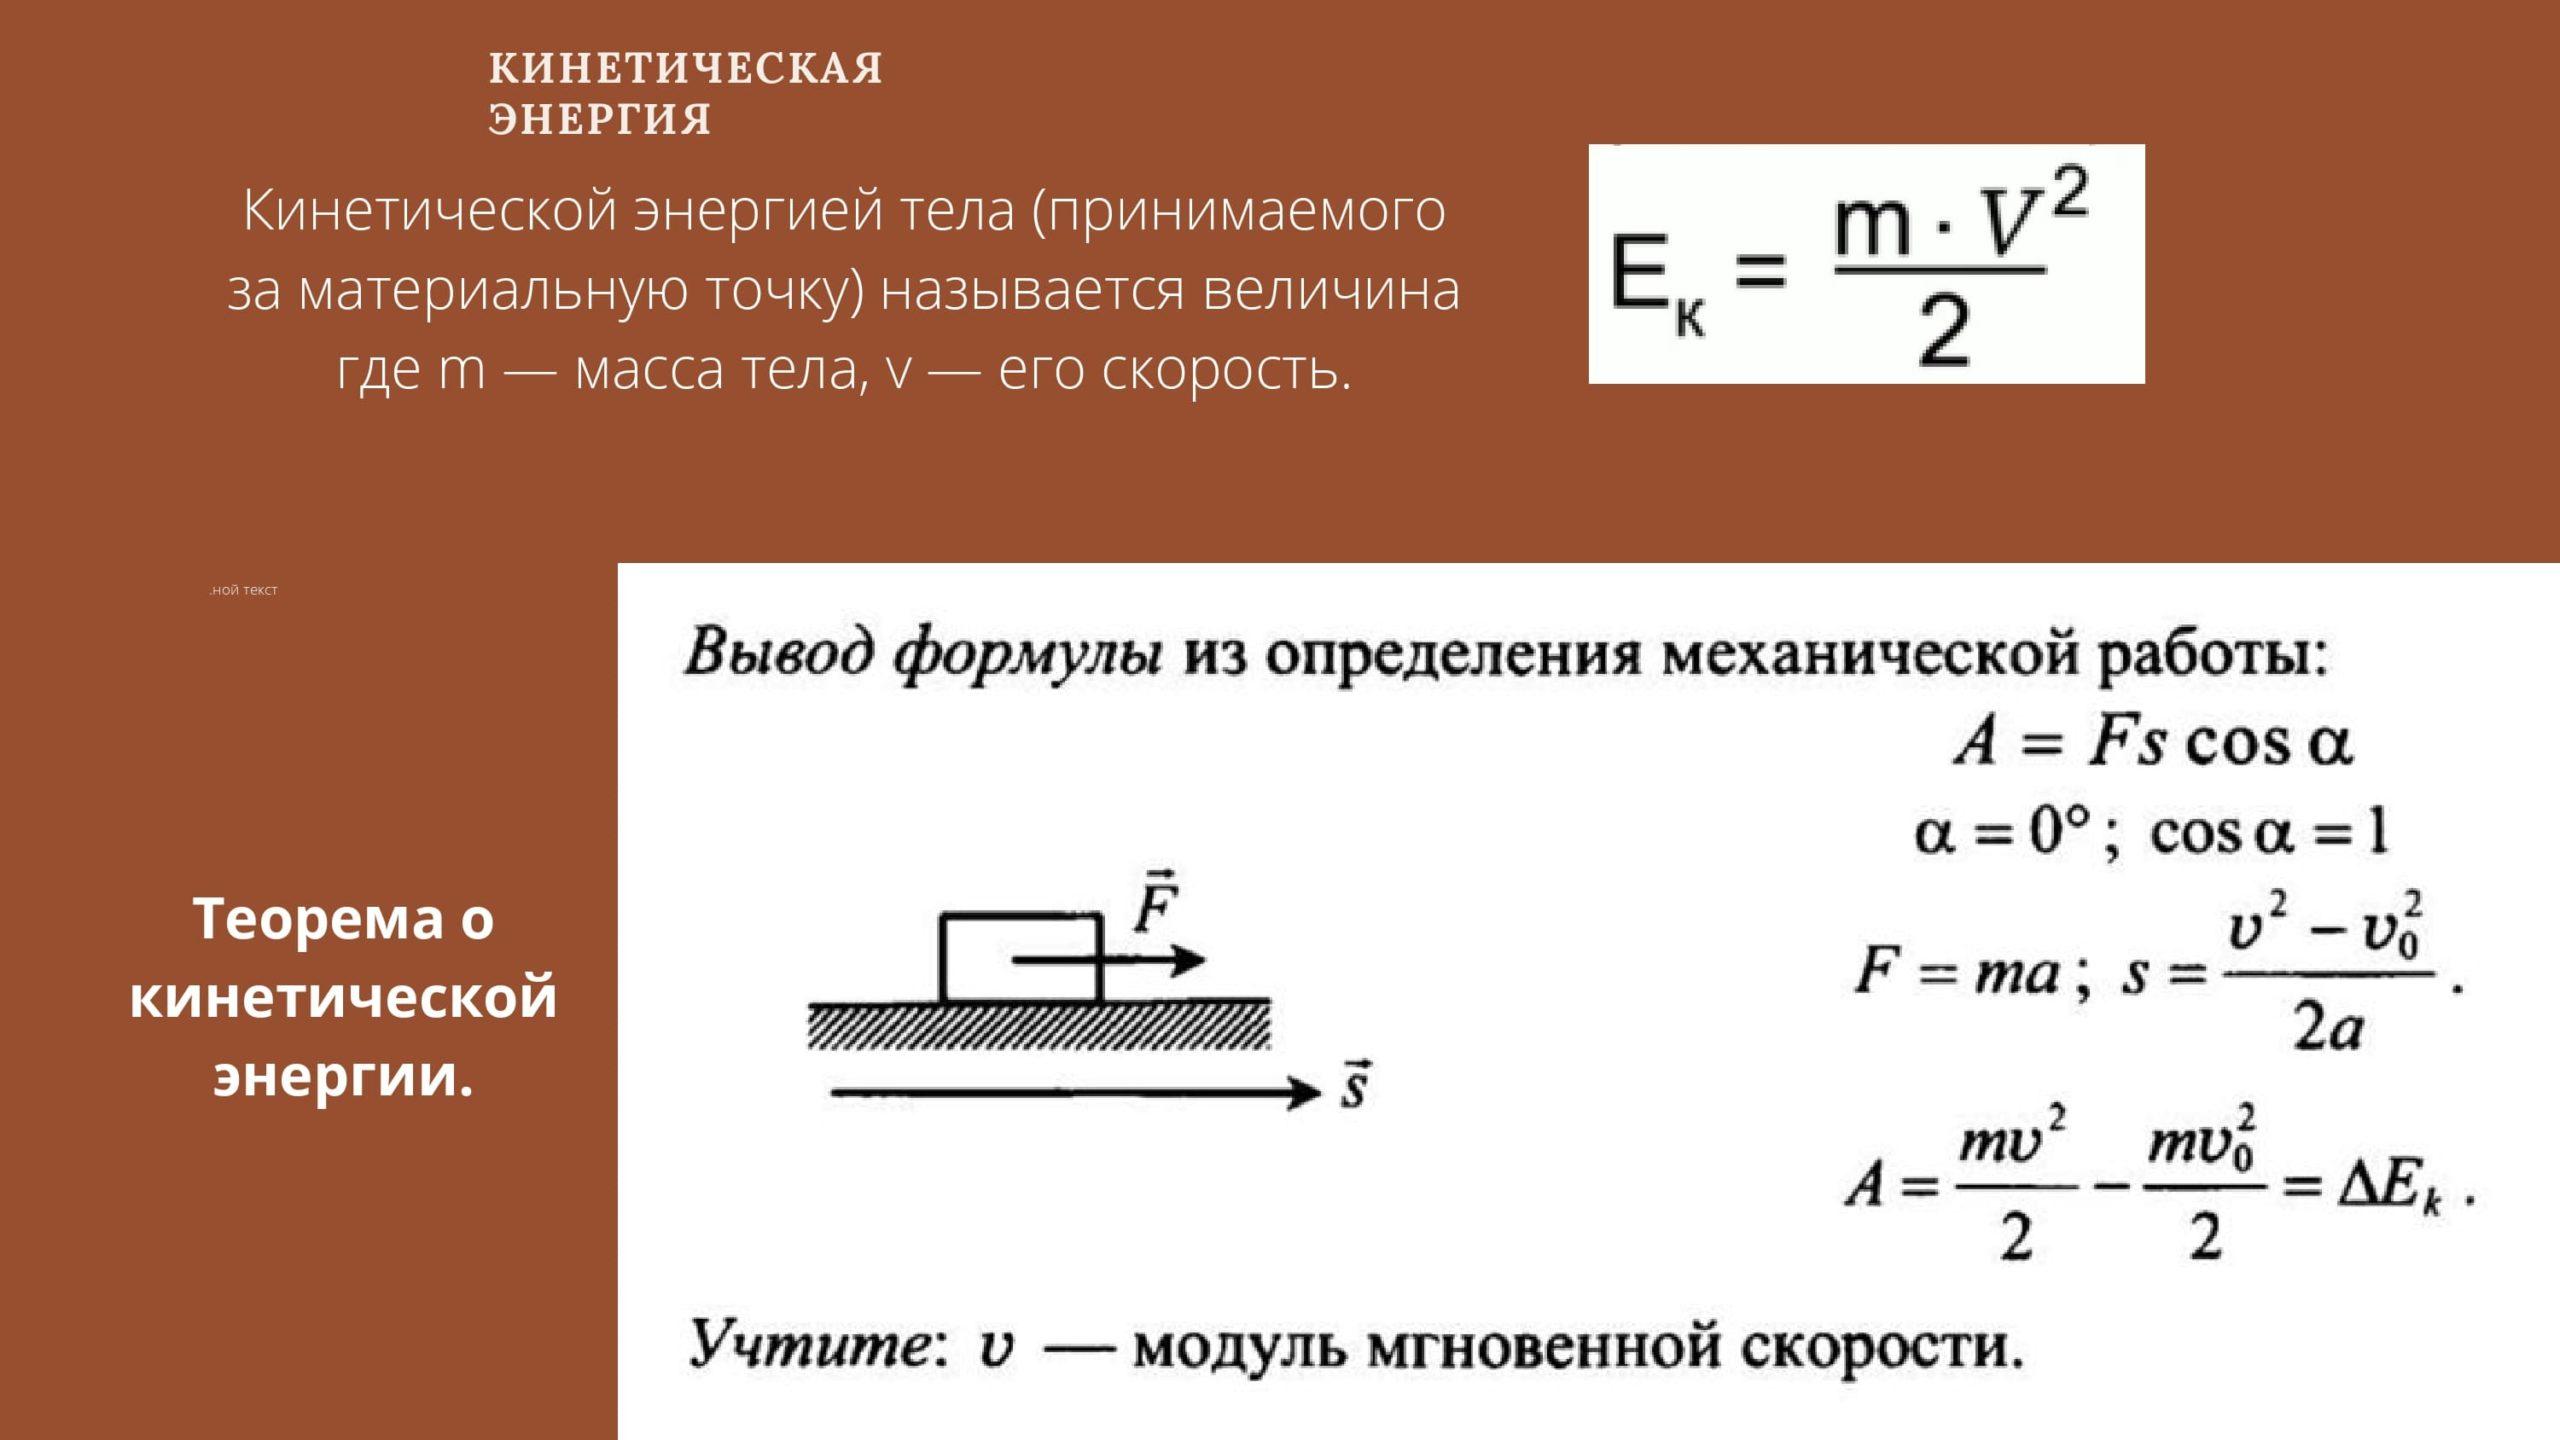 Кинетическая энергия. Теорема о кинетической энергии